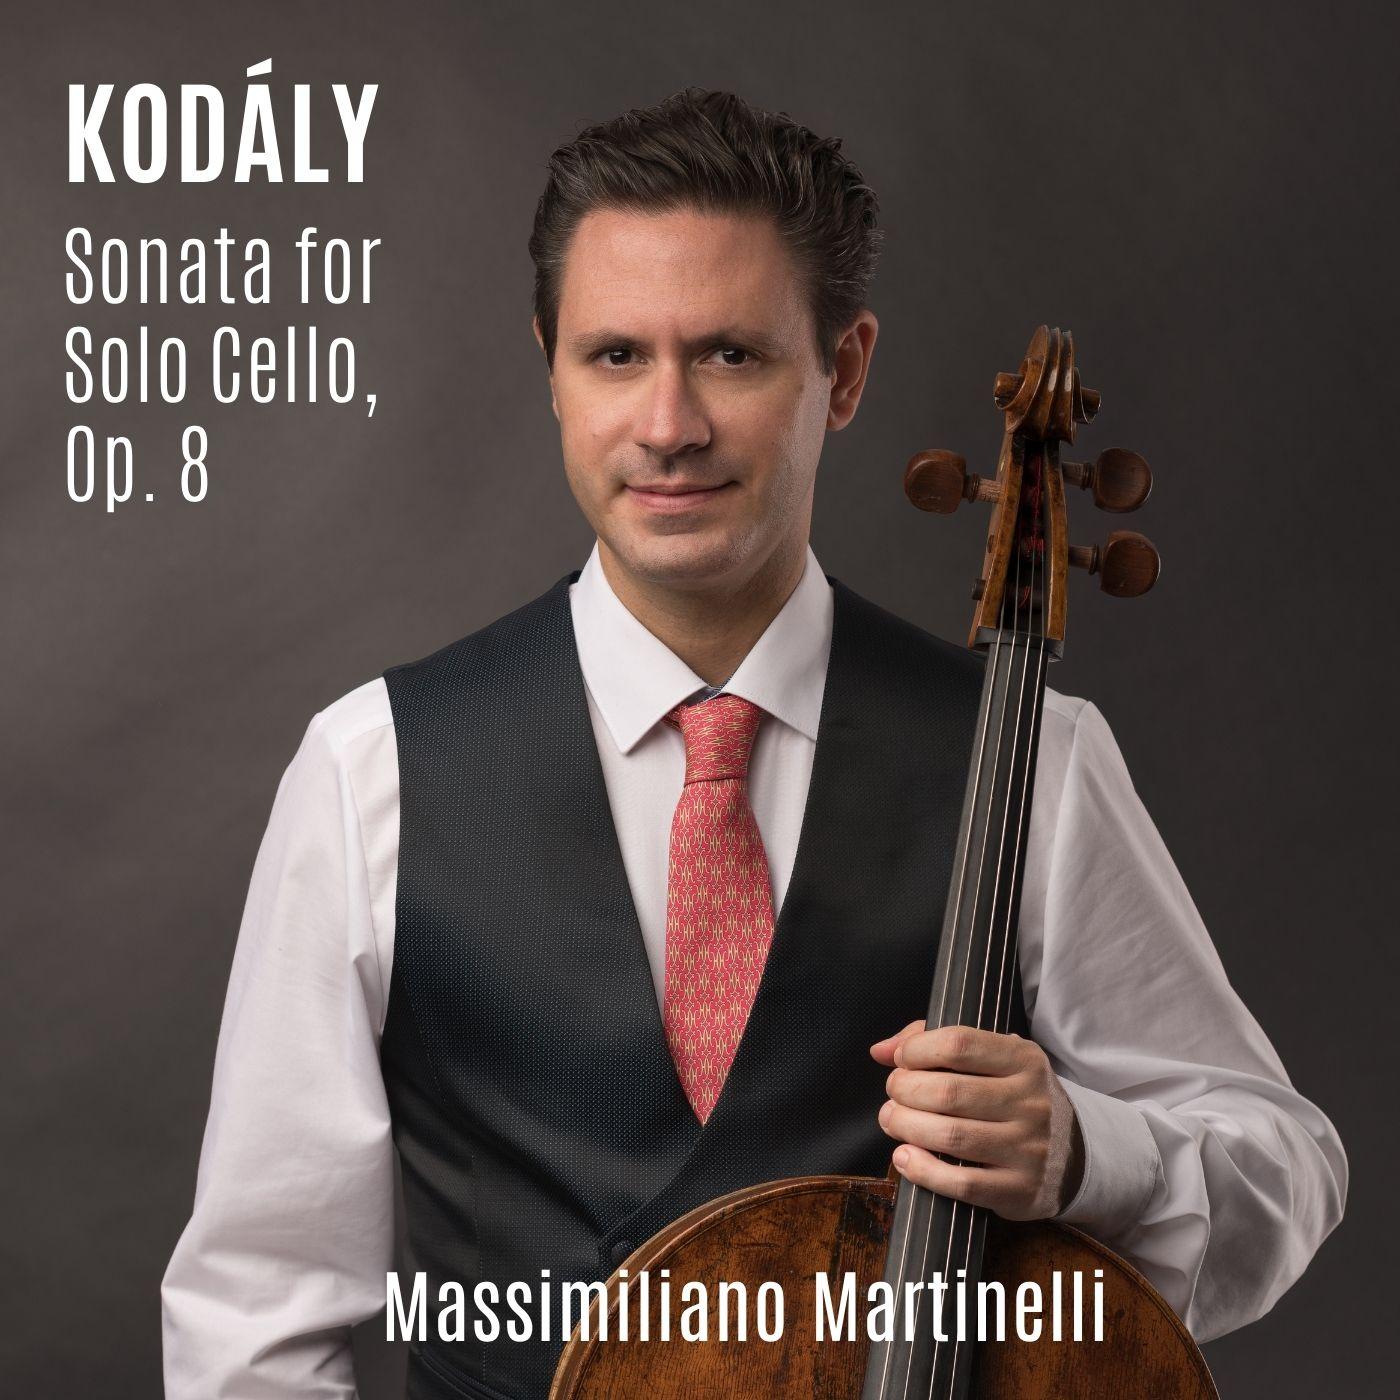 Kodály: Sonata per Solo Cello, Op. 8